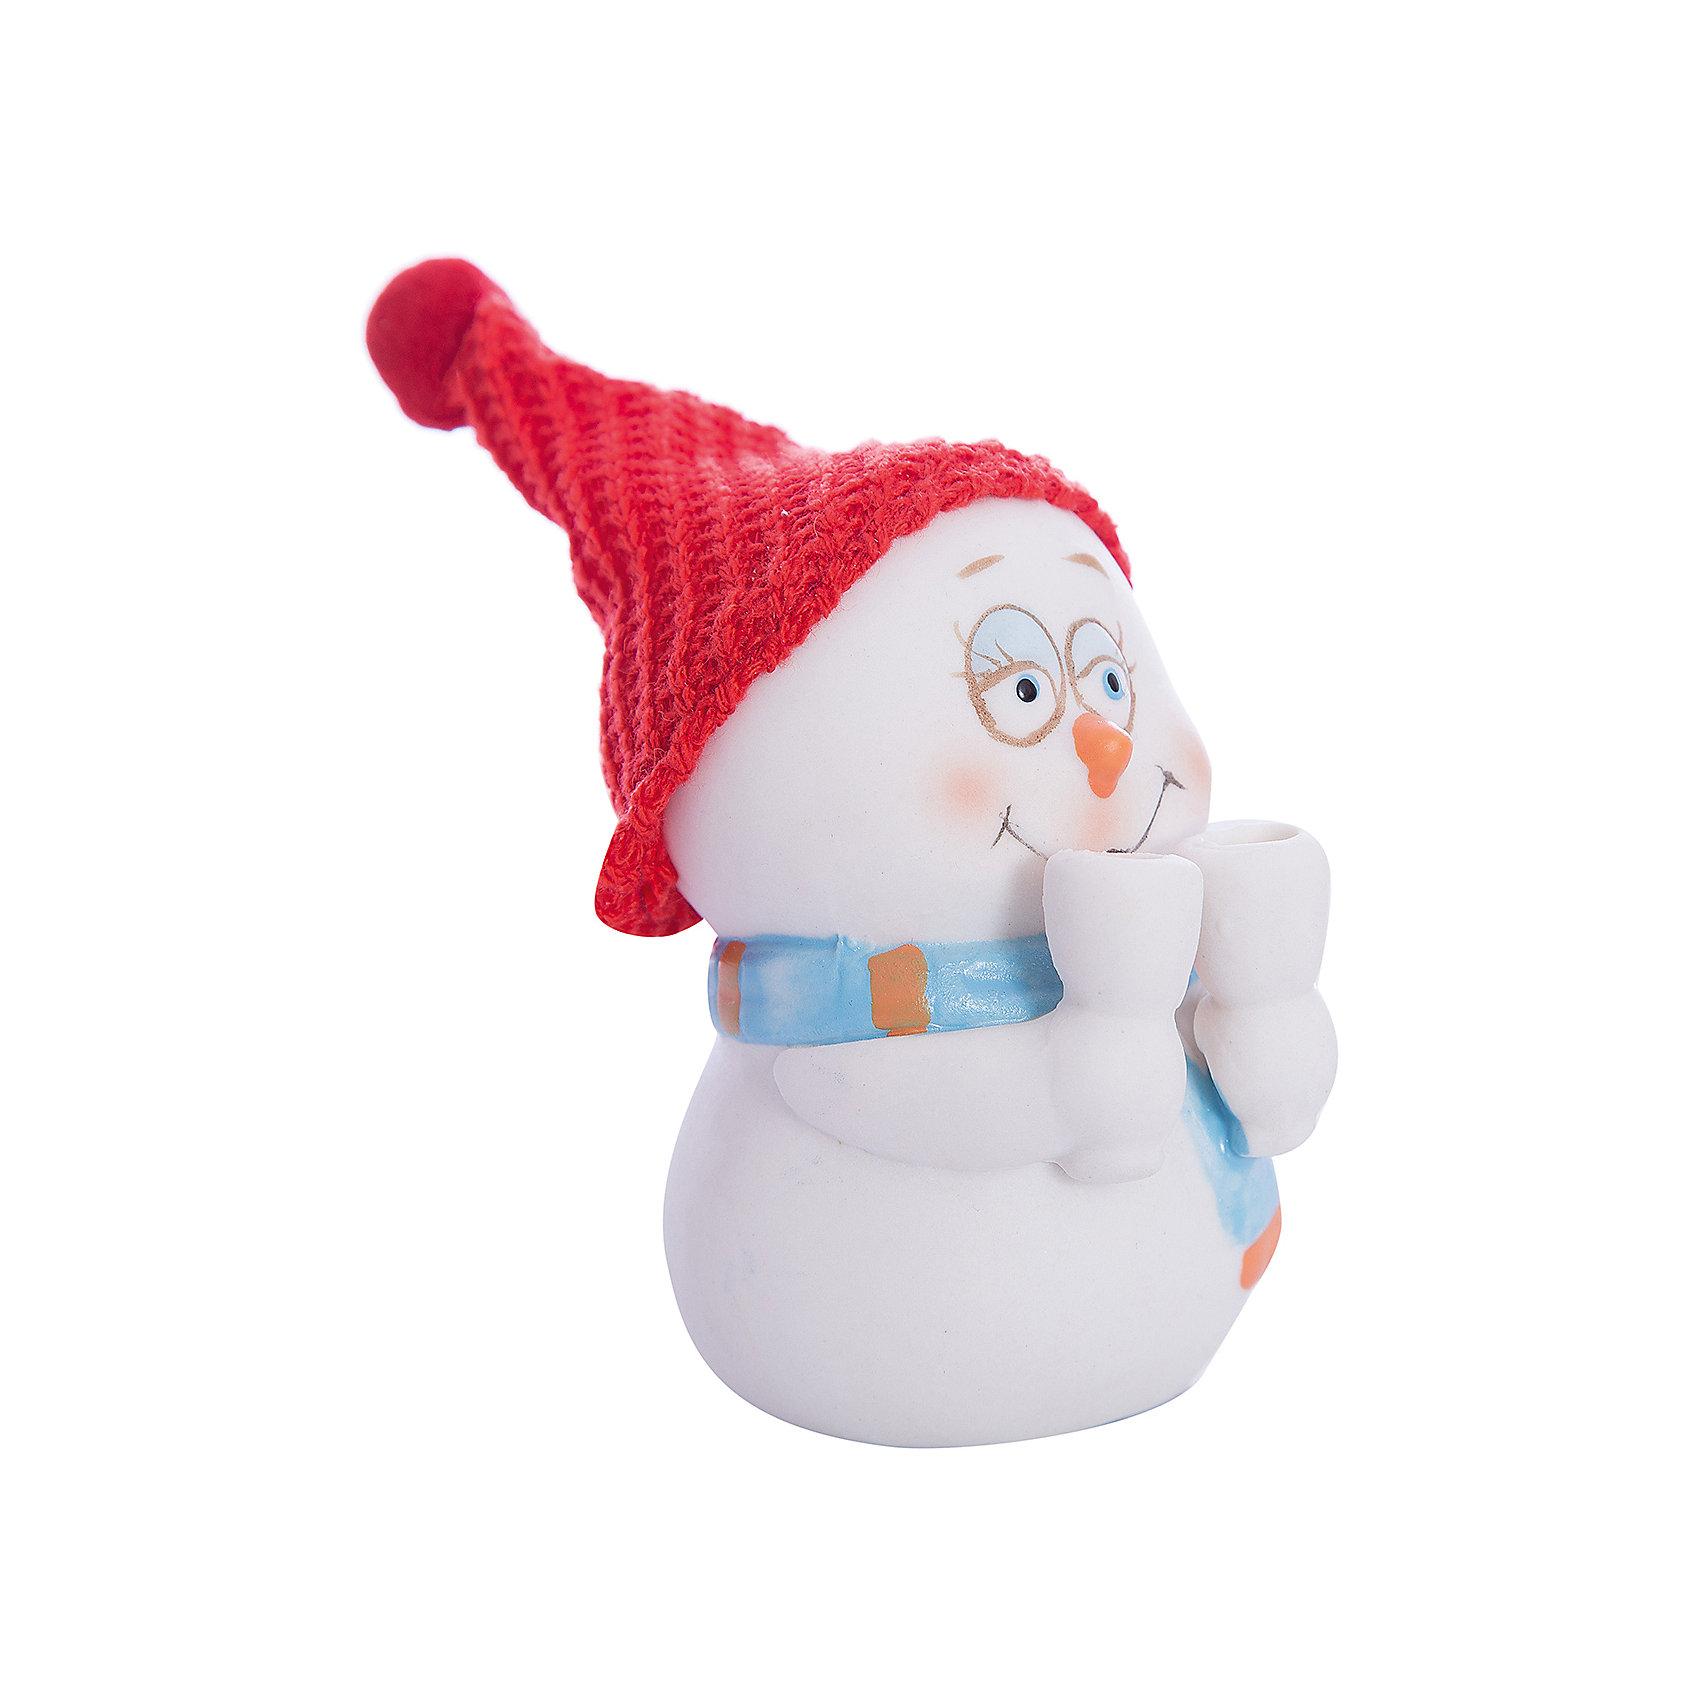 Фигурка Снеговик с бокалами 8 см, керамикаВсё для праздника<br>Новогодняя фигурка снеговика Снеговик с бокалами арт.38338 (8см, керамика)<br><br>Ширина мм: 70<br>Глубина мм: 60<br>Высота мм: 80<br>Вес г: 133<br>Возраст от месяцев: 60<br>Возраст до месяцев: 600<br>Пол: Унисекс<br>Возраст: Детский<br>SKU: 5144556